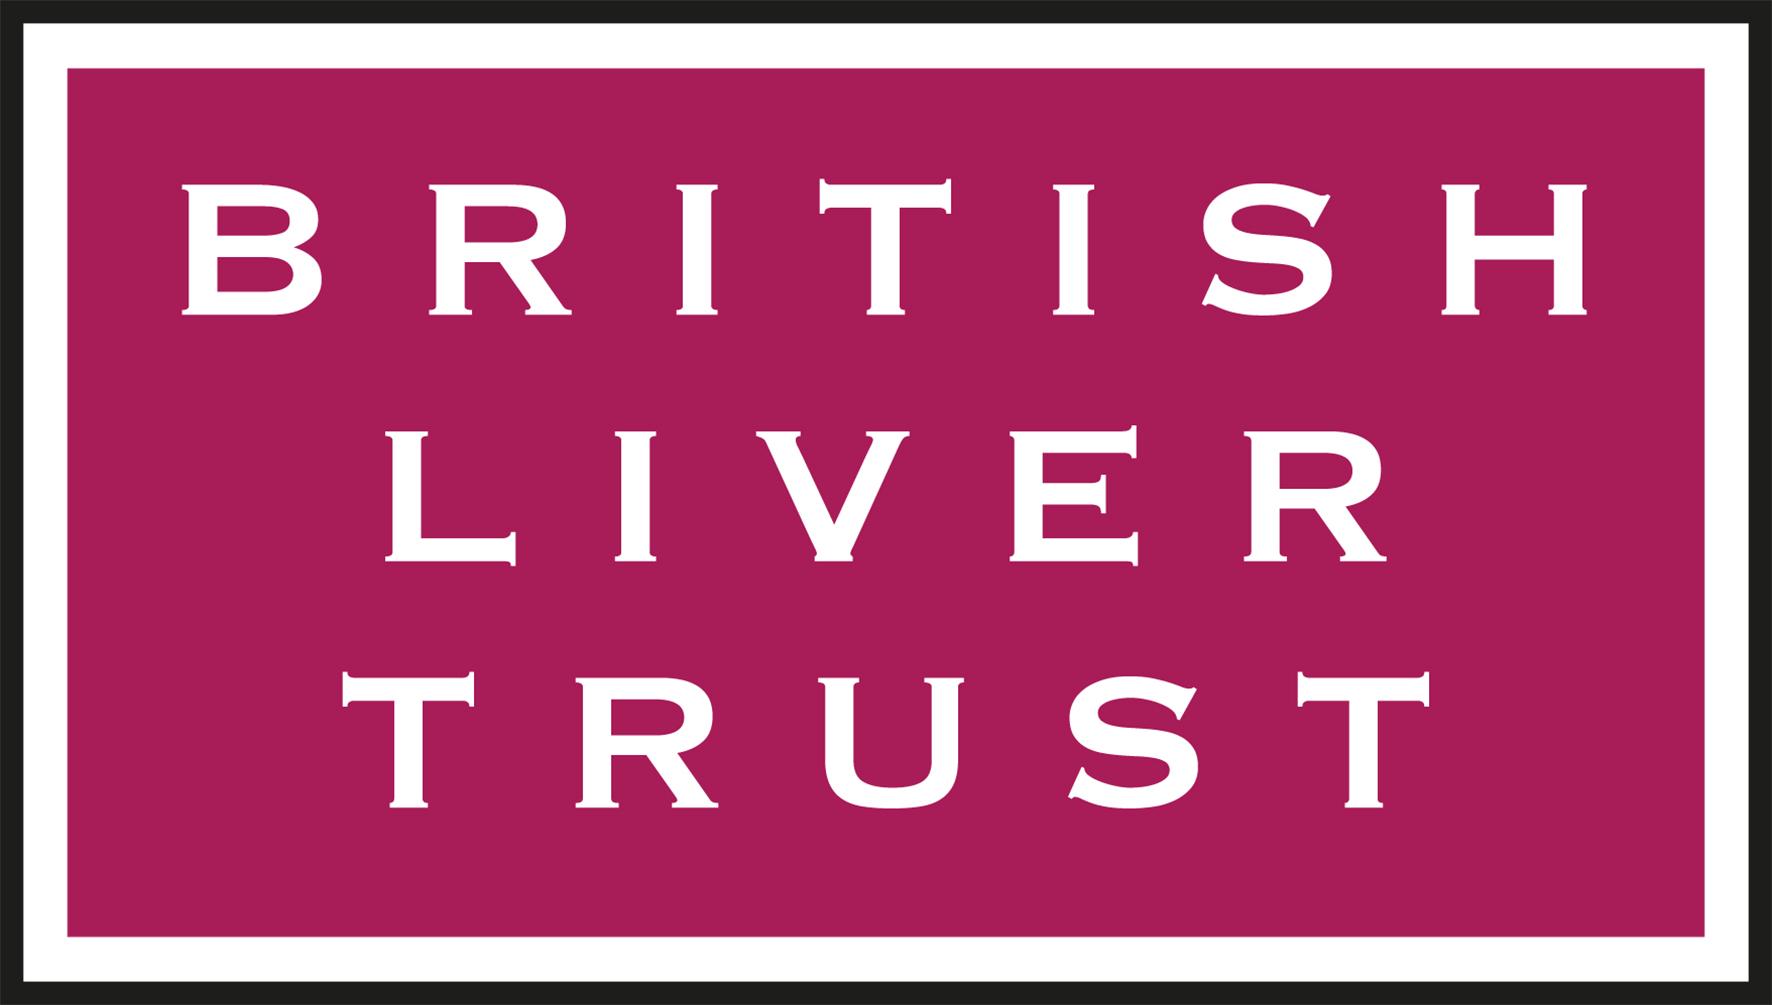 British Liver Trust logo